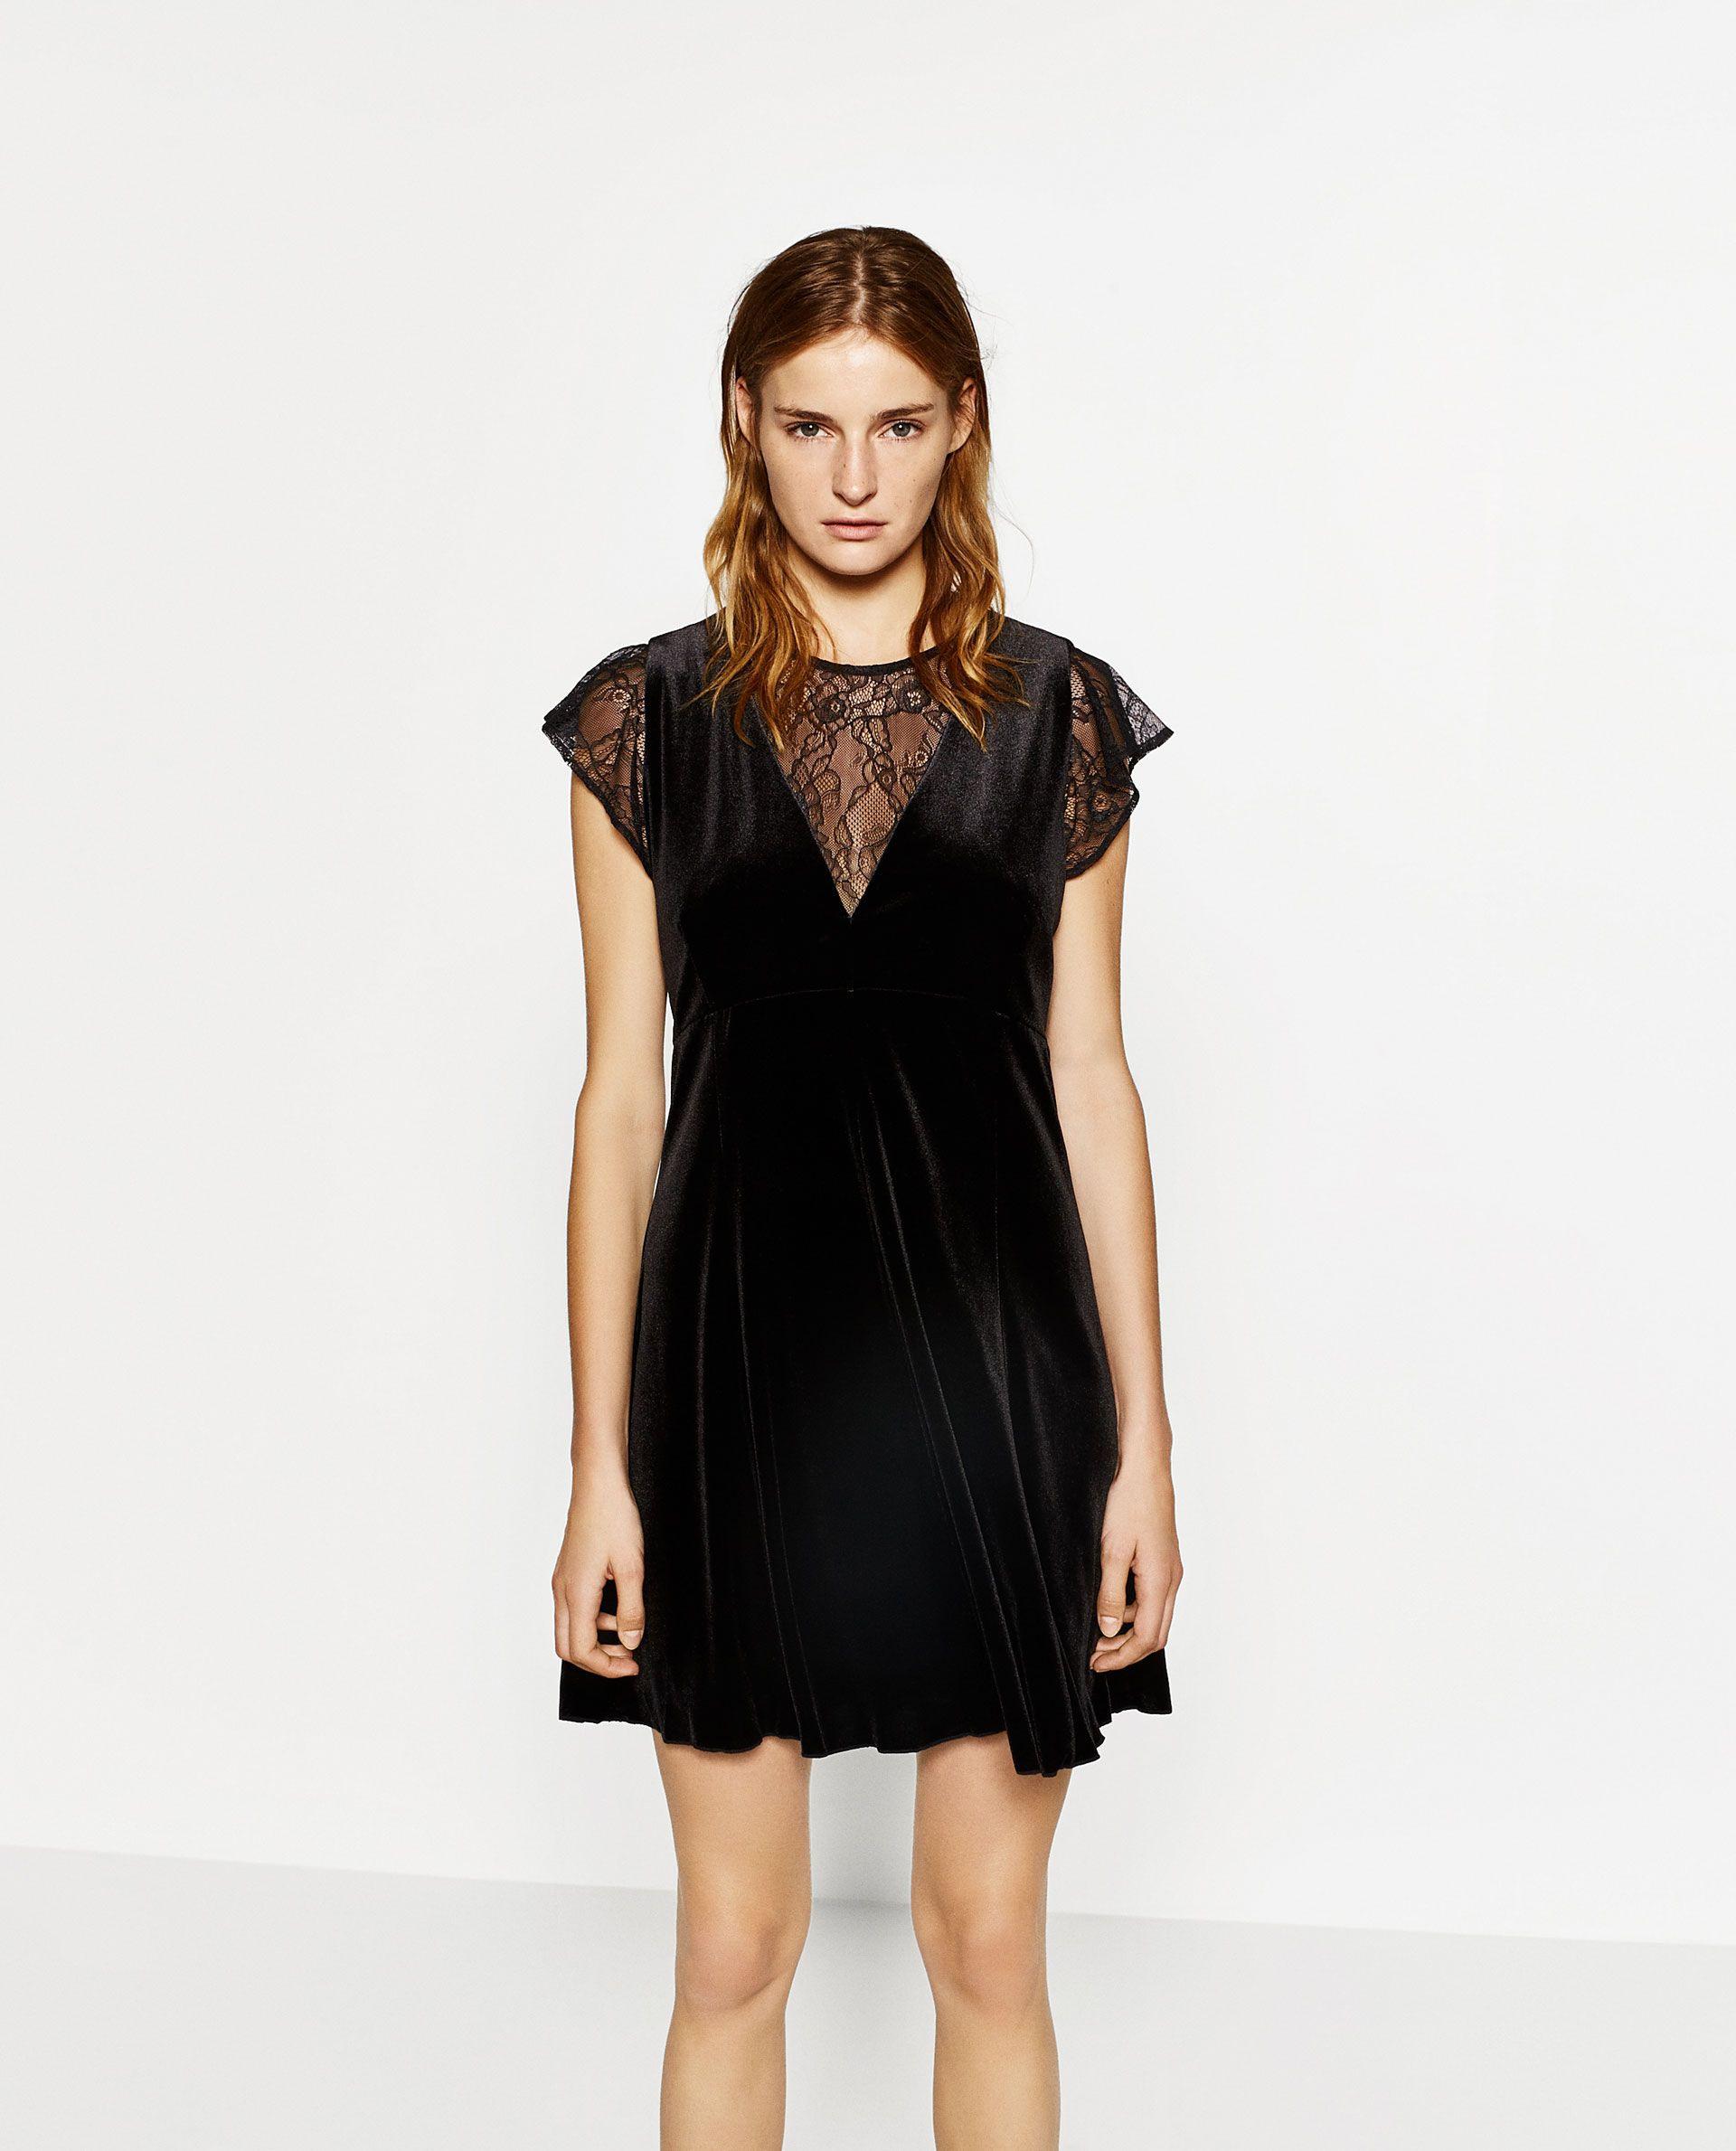 Zara  Woman  Velvet Dress  Das Kleine Schwarze Kleines